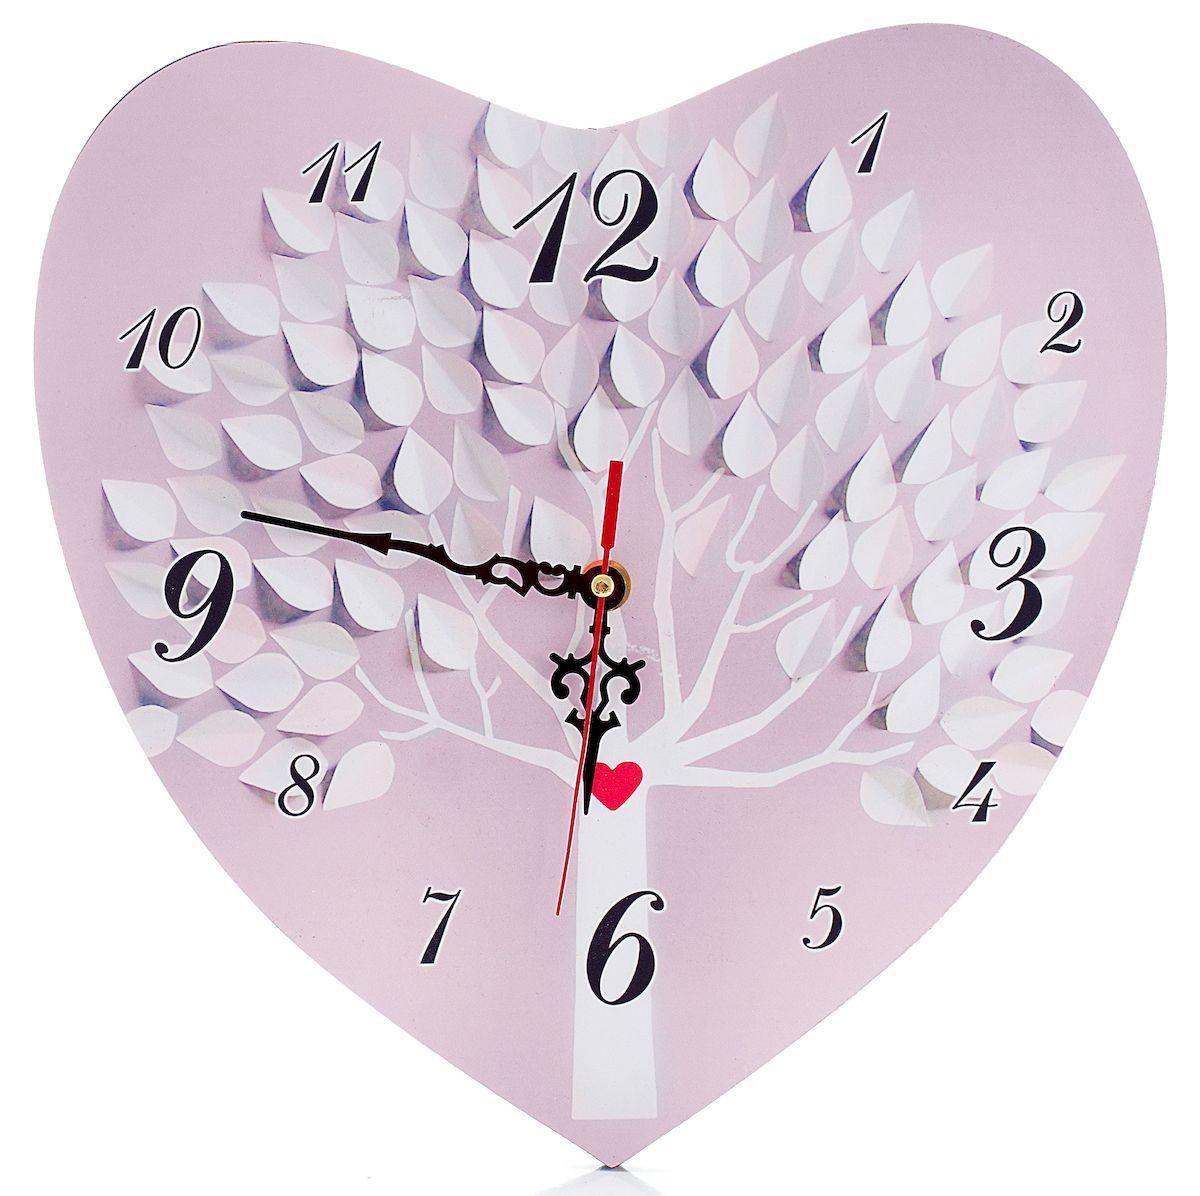 Часы настенные Русские Подарки Сердце, диаметр 30 см. 3824338243Настенные кварцевые часы Русские Подарки Сердце изготовлены из МДФ. Корпус оригинально оформлен в виде сердечка. Часы имеют три стрелки - часовую, минутную и секундную. С обратной стороны имеетсяпетелька для подвешивания на стену. Такие часы красиво и необычно оформят интерьер дома или офиса. Также часы могут стать уникальным, полезным подарком для родственников, коллег, знакомых и близких.Часы работают от батареек типа АА (в комплект не входят).